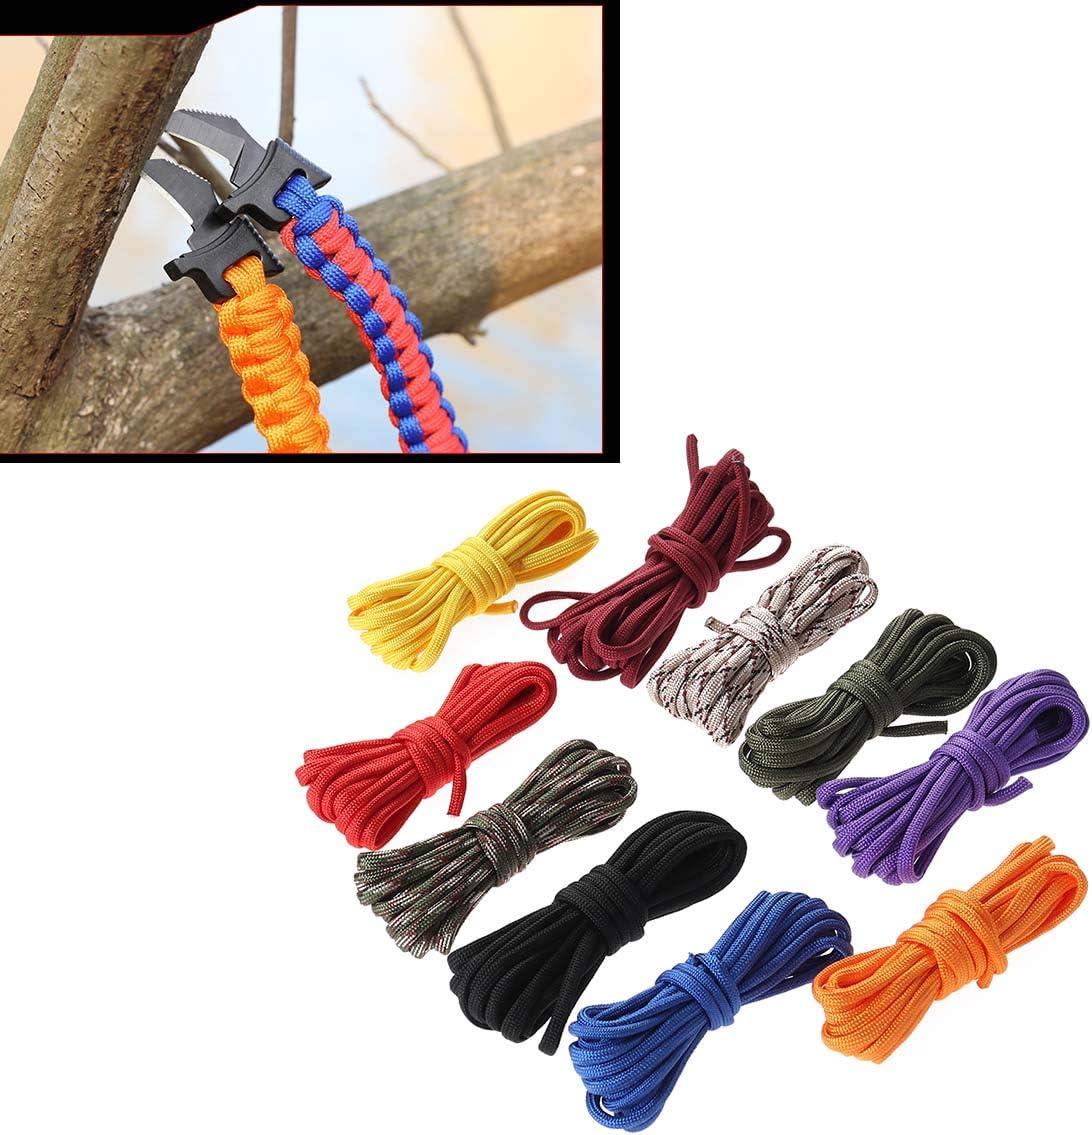 SUPVOX Paracord Pulsera Cuerda Cuerda de paraca/ídas Supervivencia al Aire Libre Conjunto de Cuerdas seguras para Bricolaje 10pcs 3 Metros